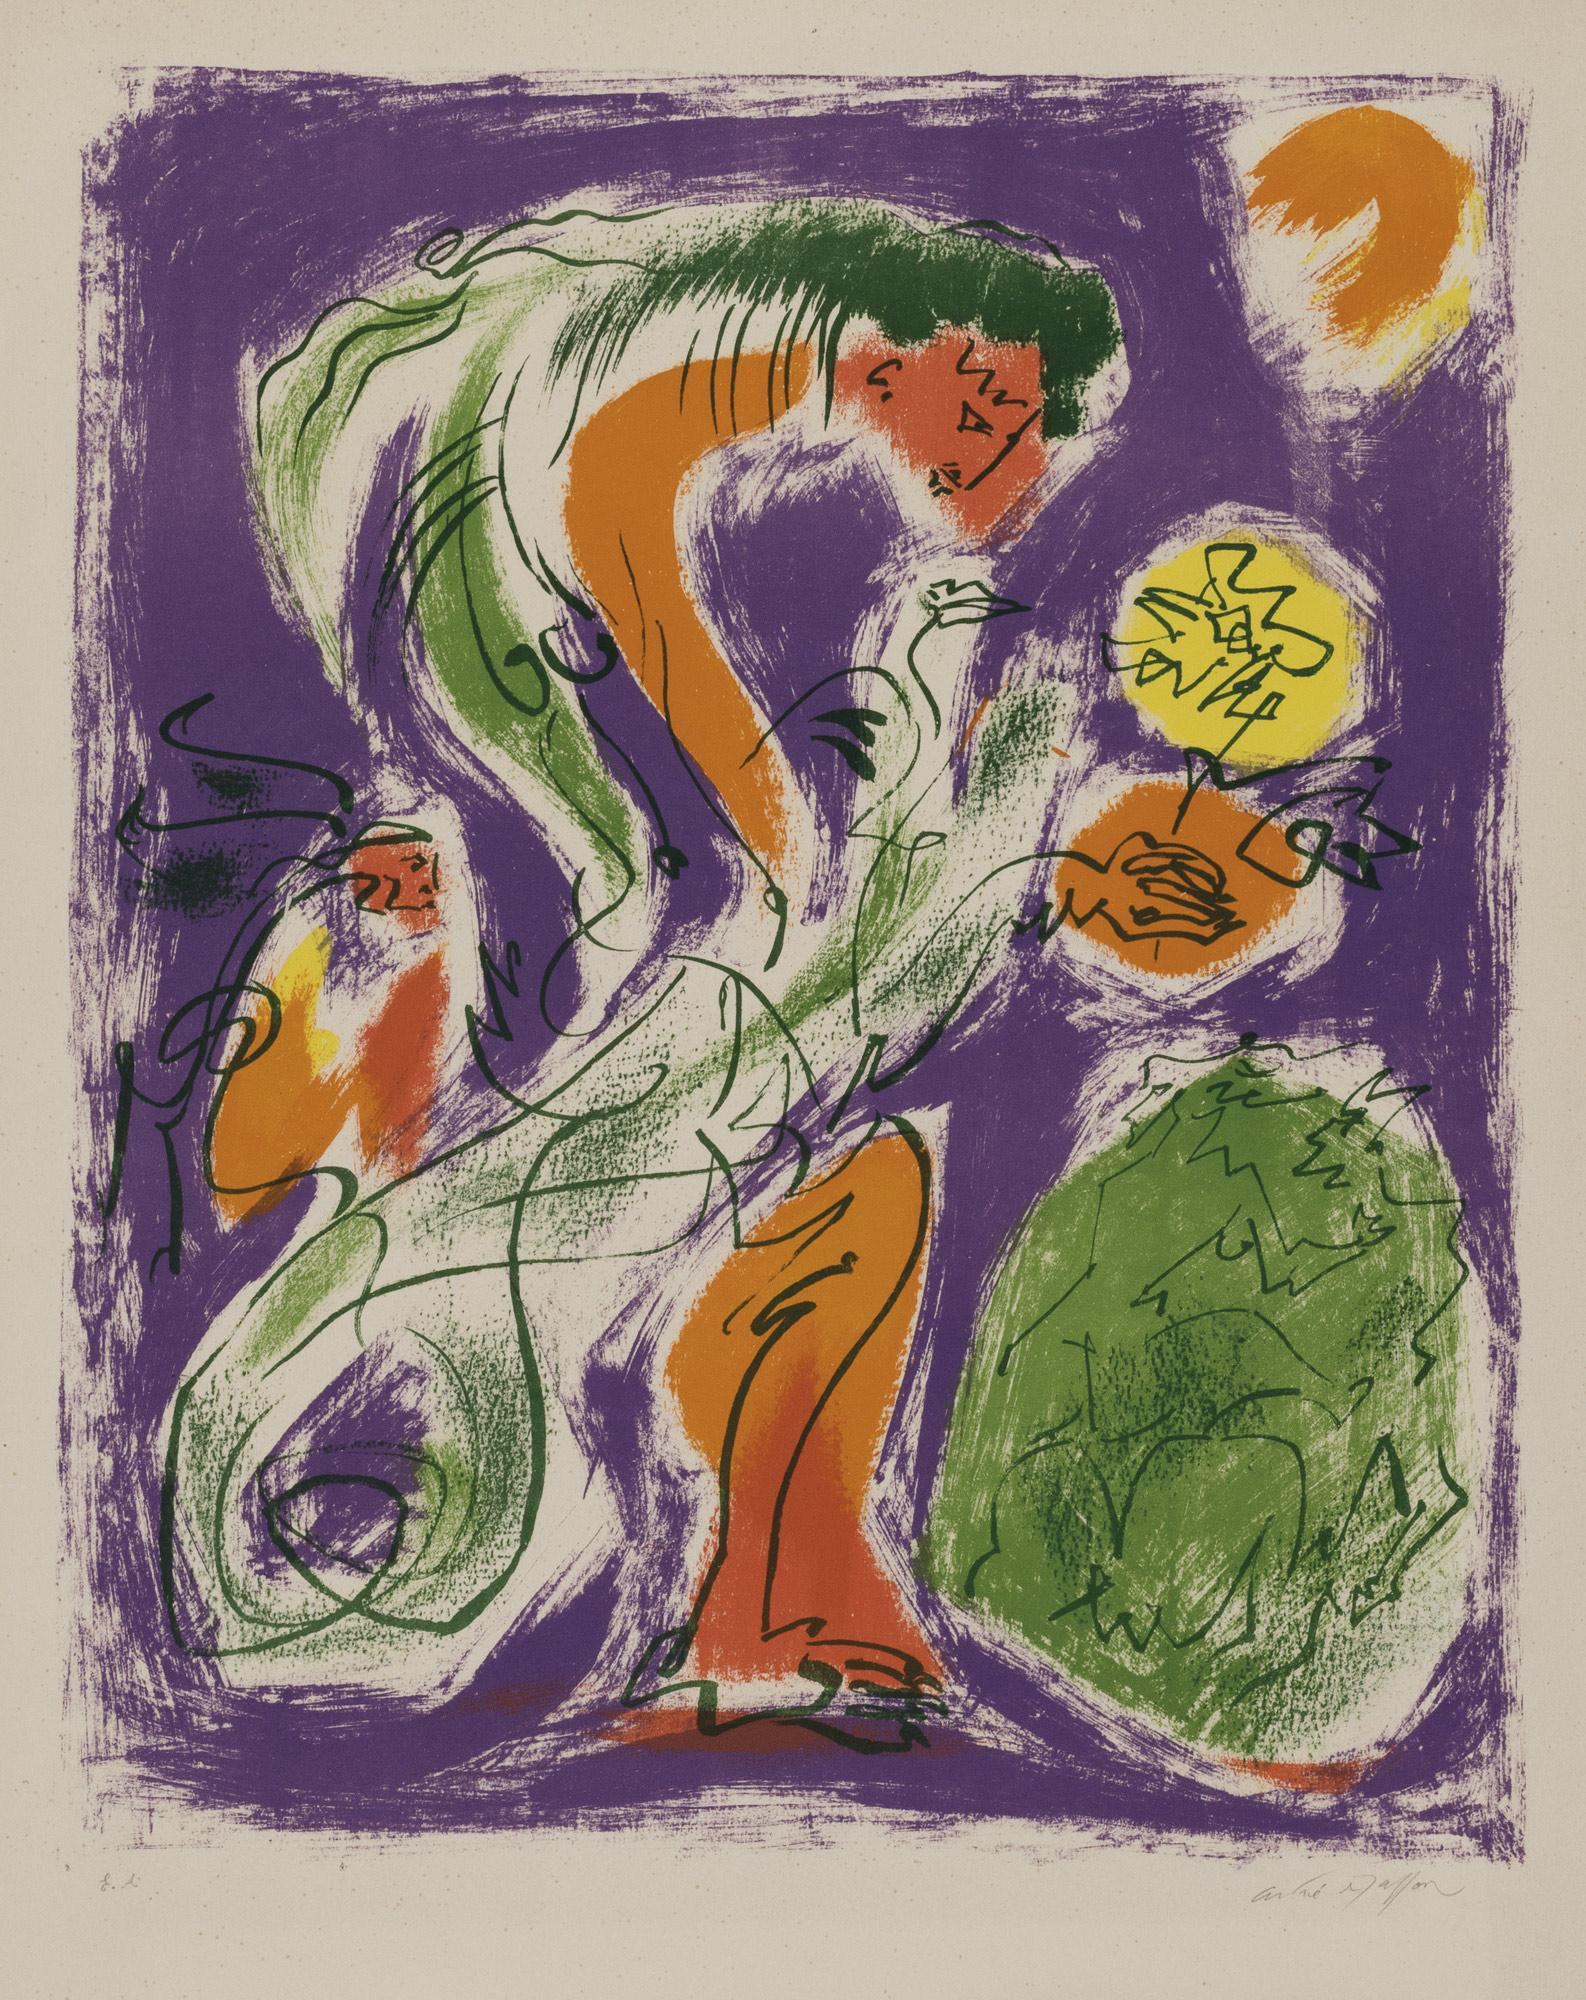 La jeune chimère, 1955